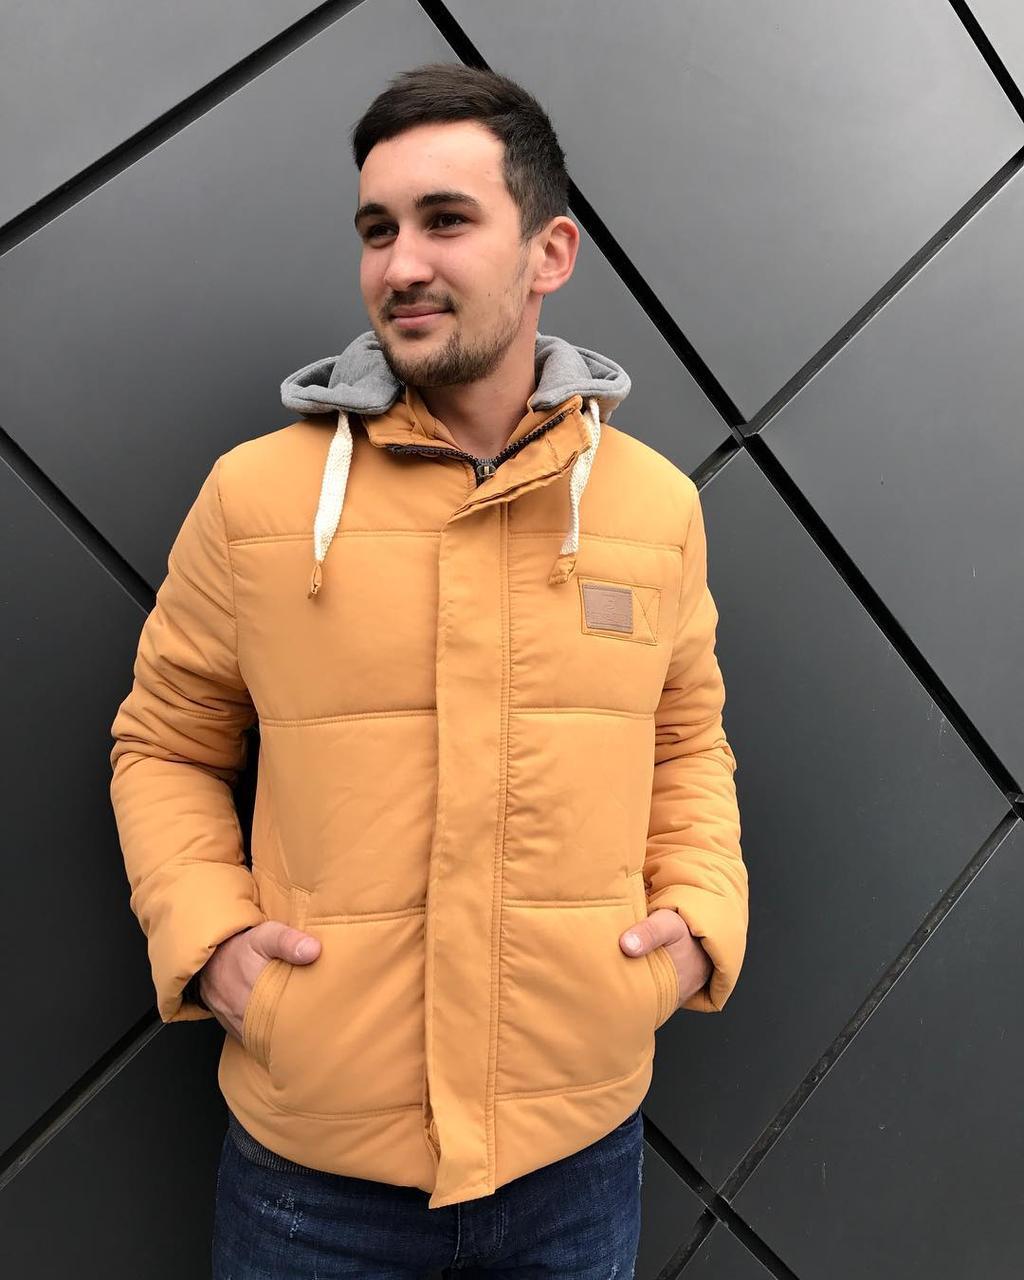 ee13bf955dd Куртка мужская горчичная - MILLIONAIRE оптом мужская одежда в Черновцах